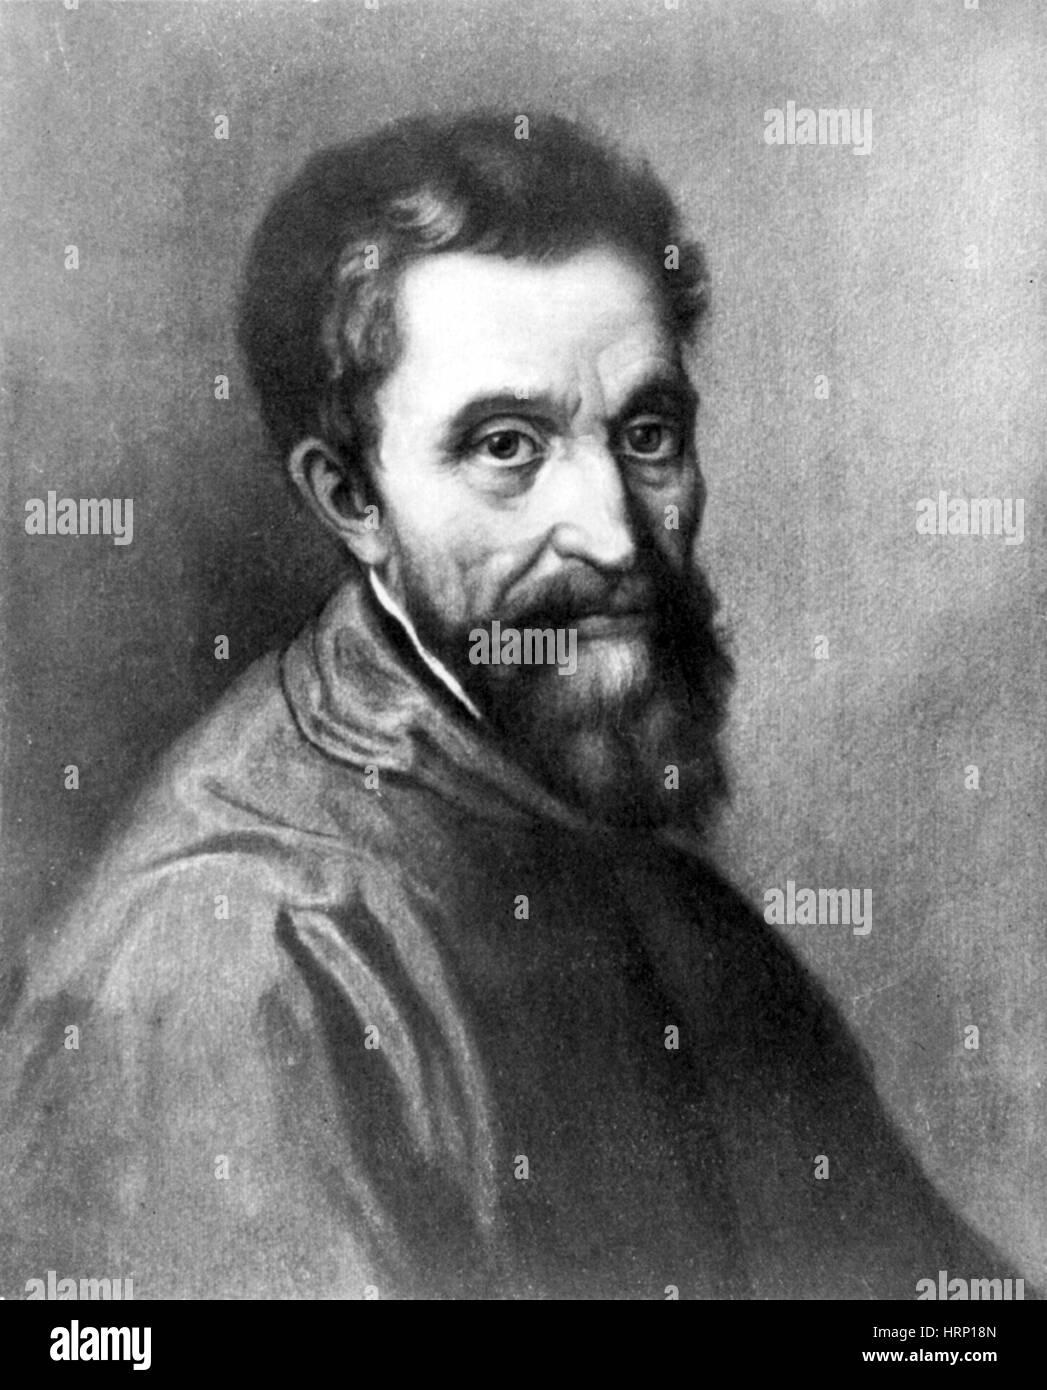 Michelangelo, el hombre del Renacimiento italiano Imagen De Stock